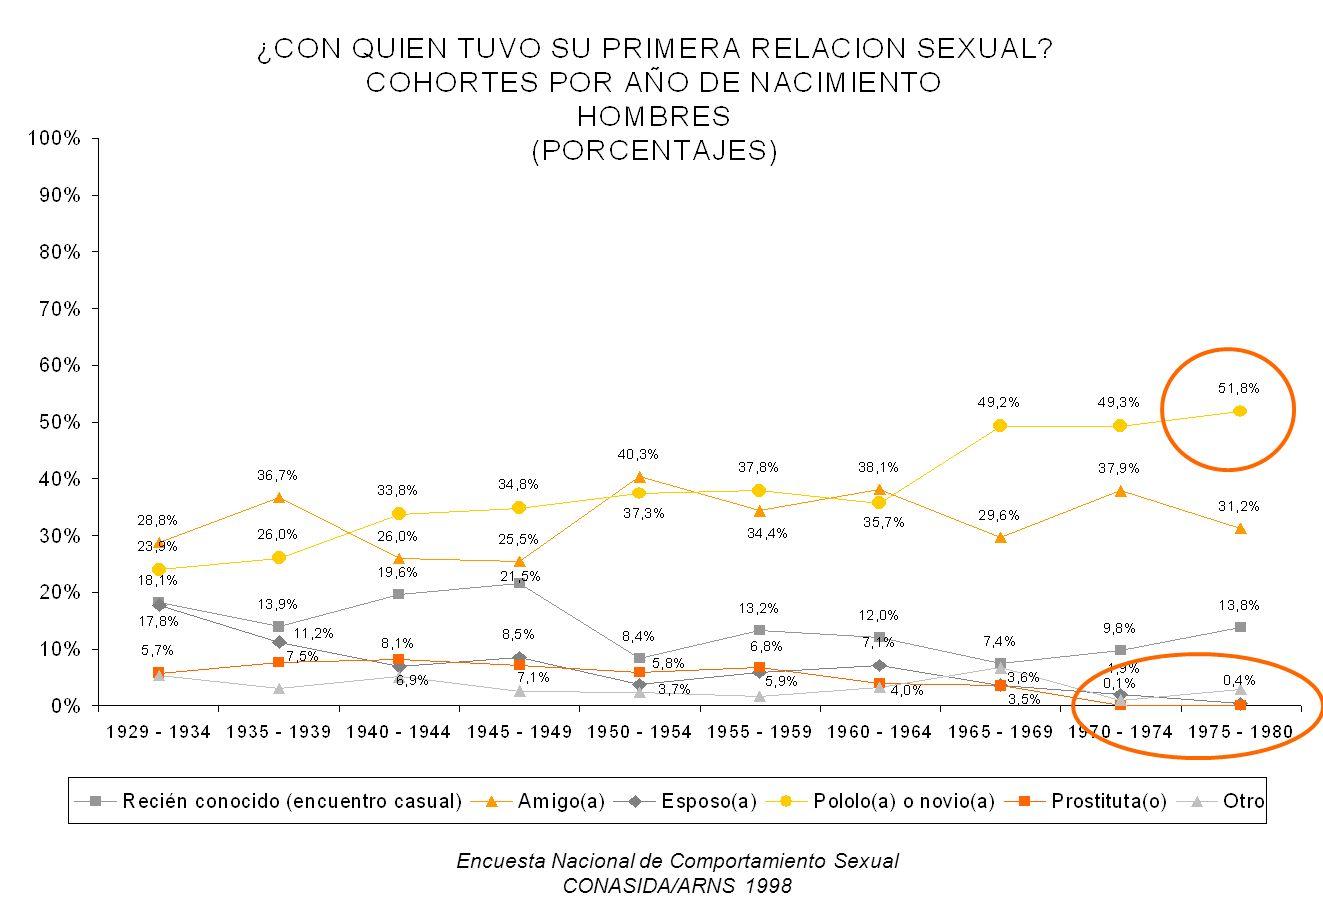 Encuesta Nacional de Comportamiento Sexual